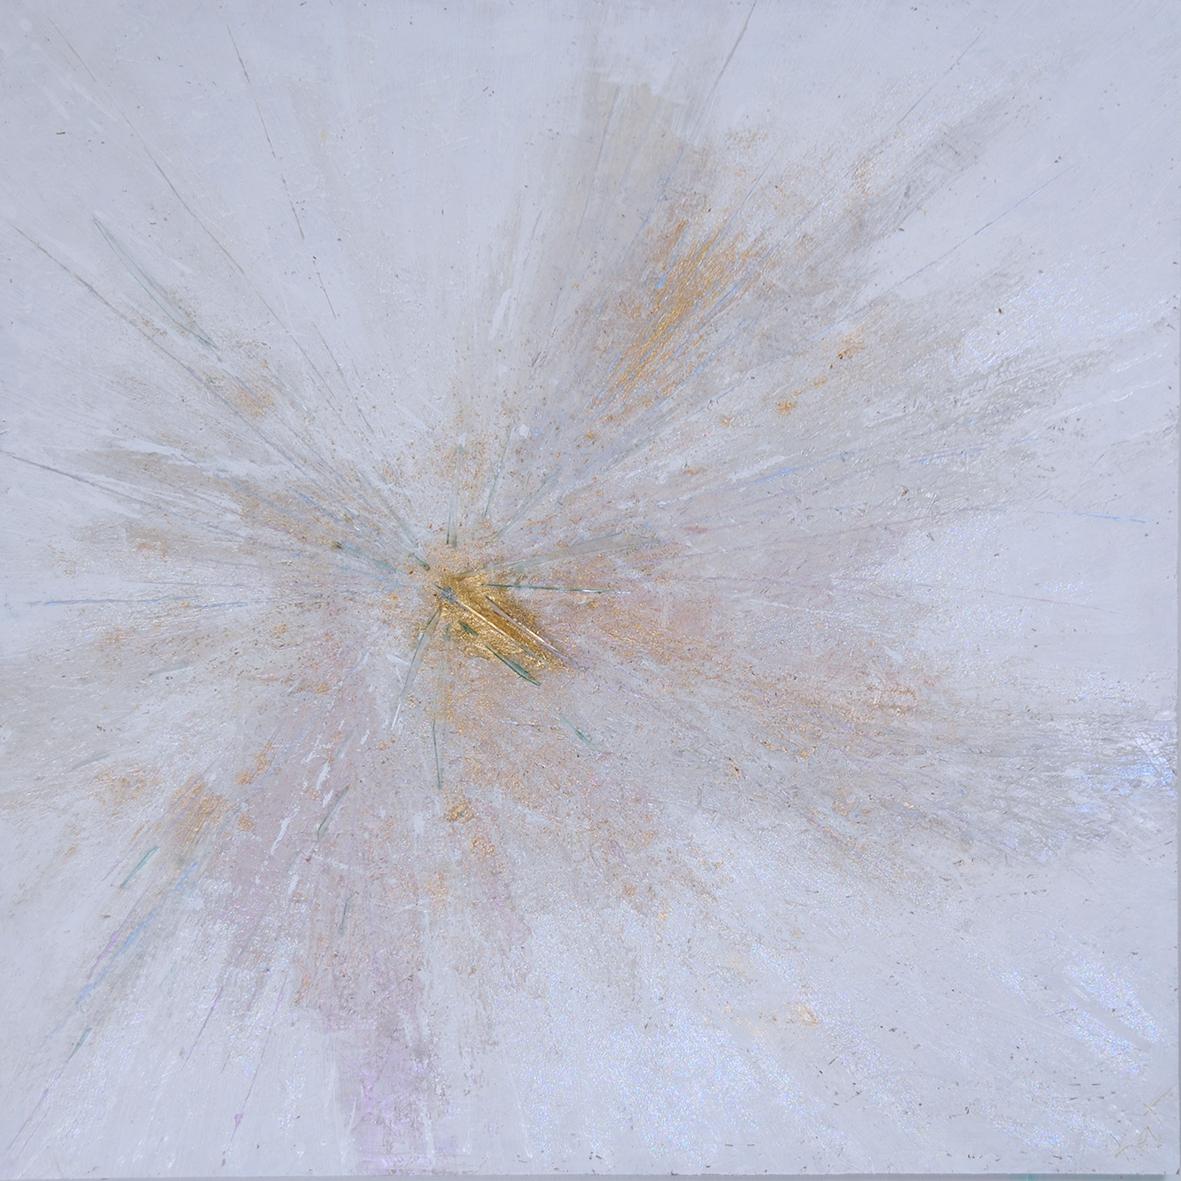 Sadness -  acrylic + glass on chipboard (1,2 x 1,2 m) ©KAT